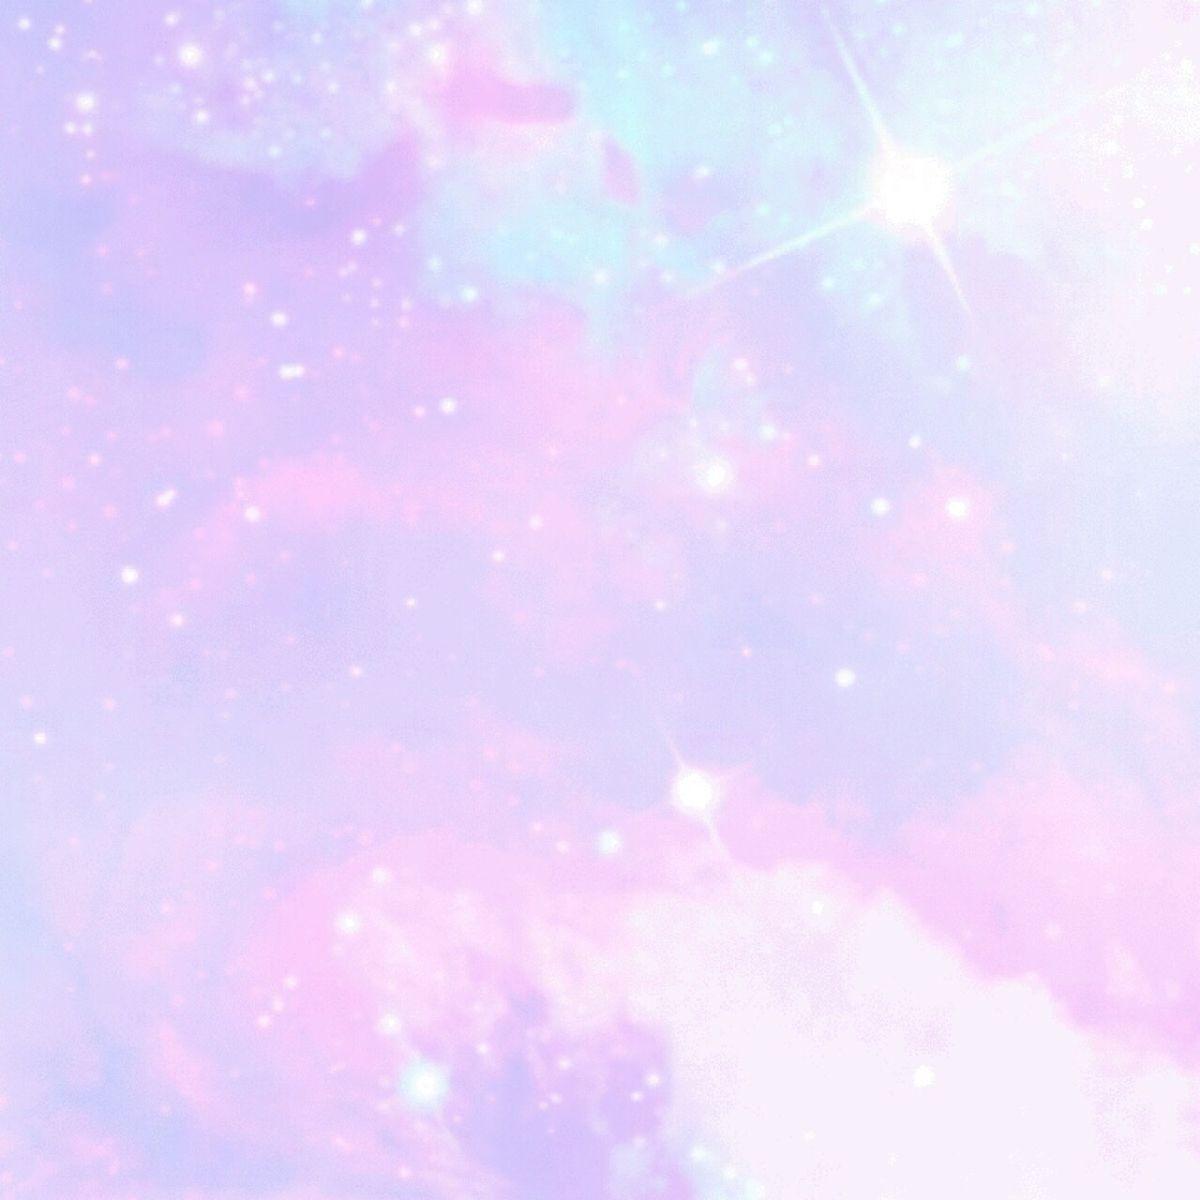 ゆめかわいいパステル宇宙柄 ゆめかわいい 背景 ゆめかわいい パステル